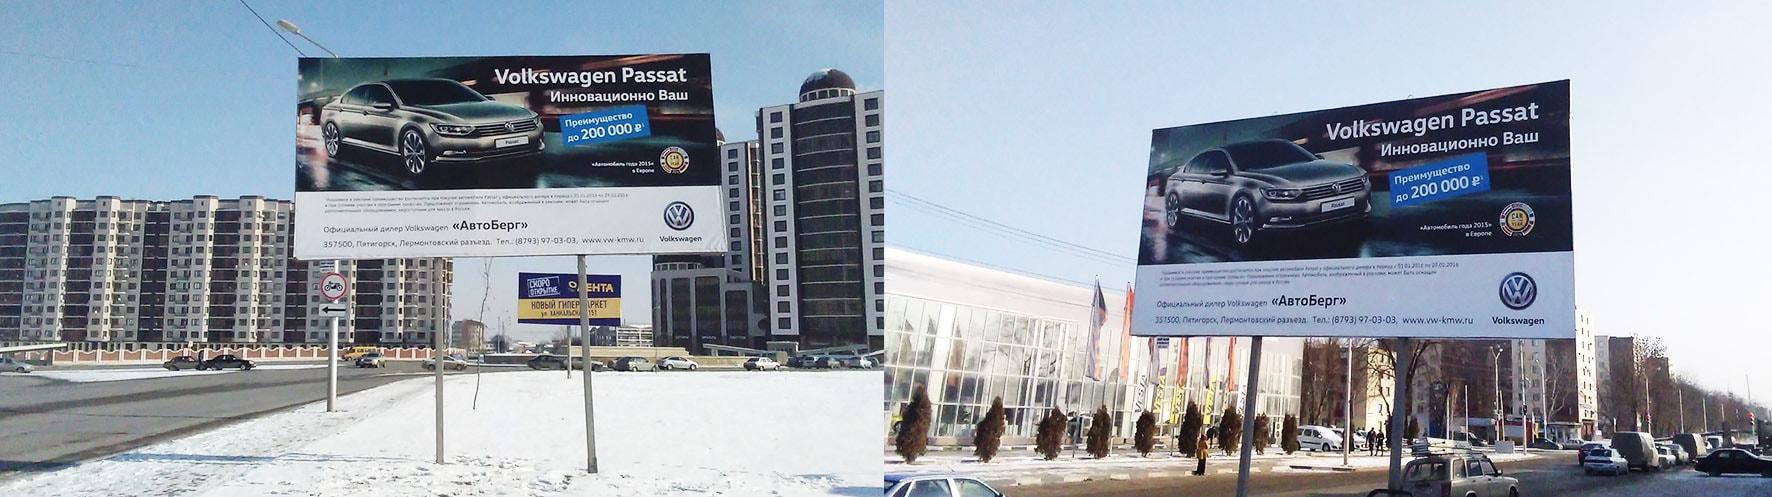 Наружная реклама в Грозном Чечня